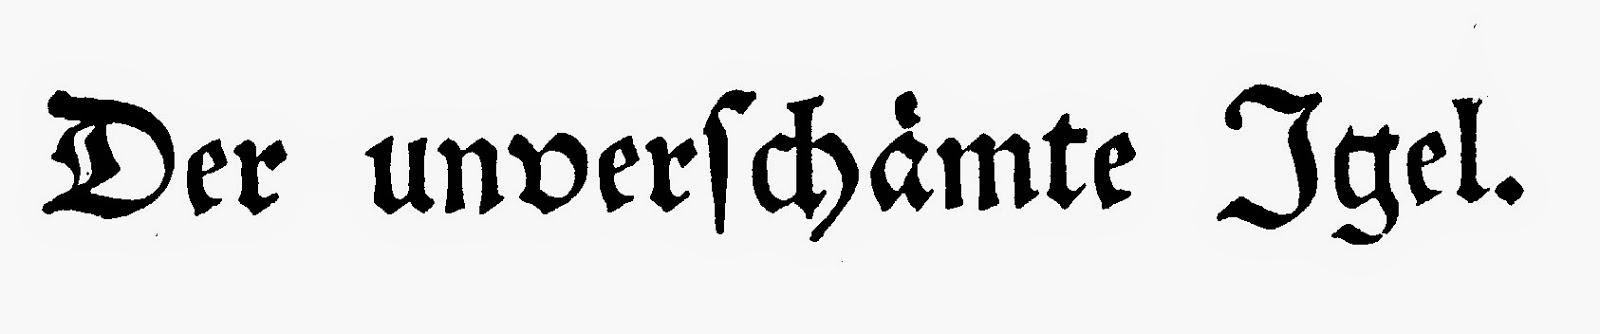 Gedichte Und Zitate Fur Alle Wilhelm Busch Kritik Des Herzens